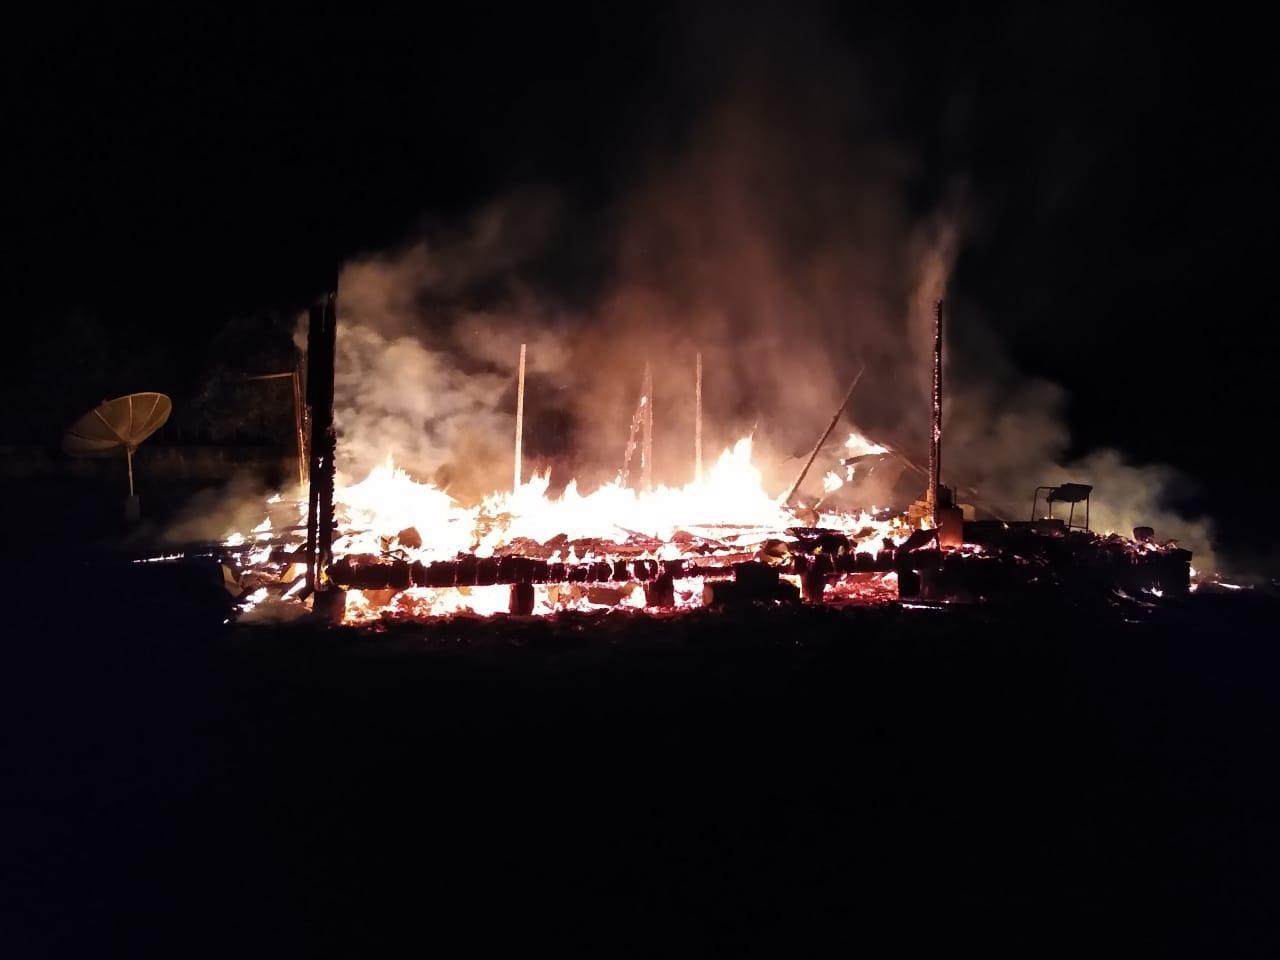 Casa desabitada é destruída pelo fogo em Petrolândia